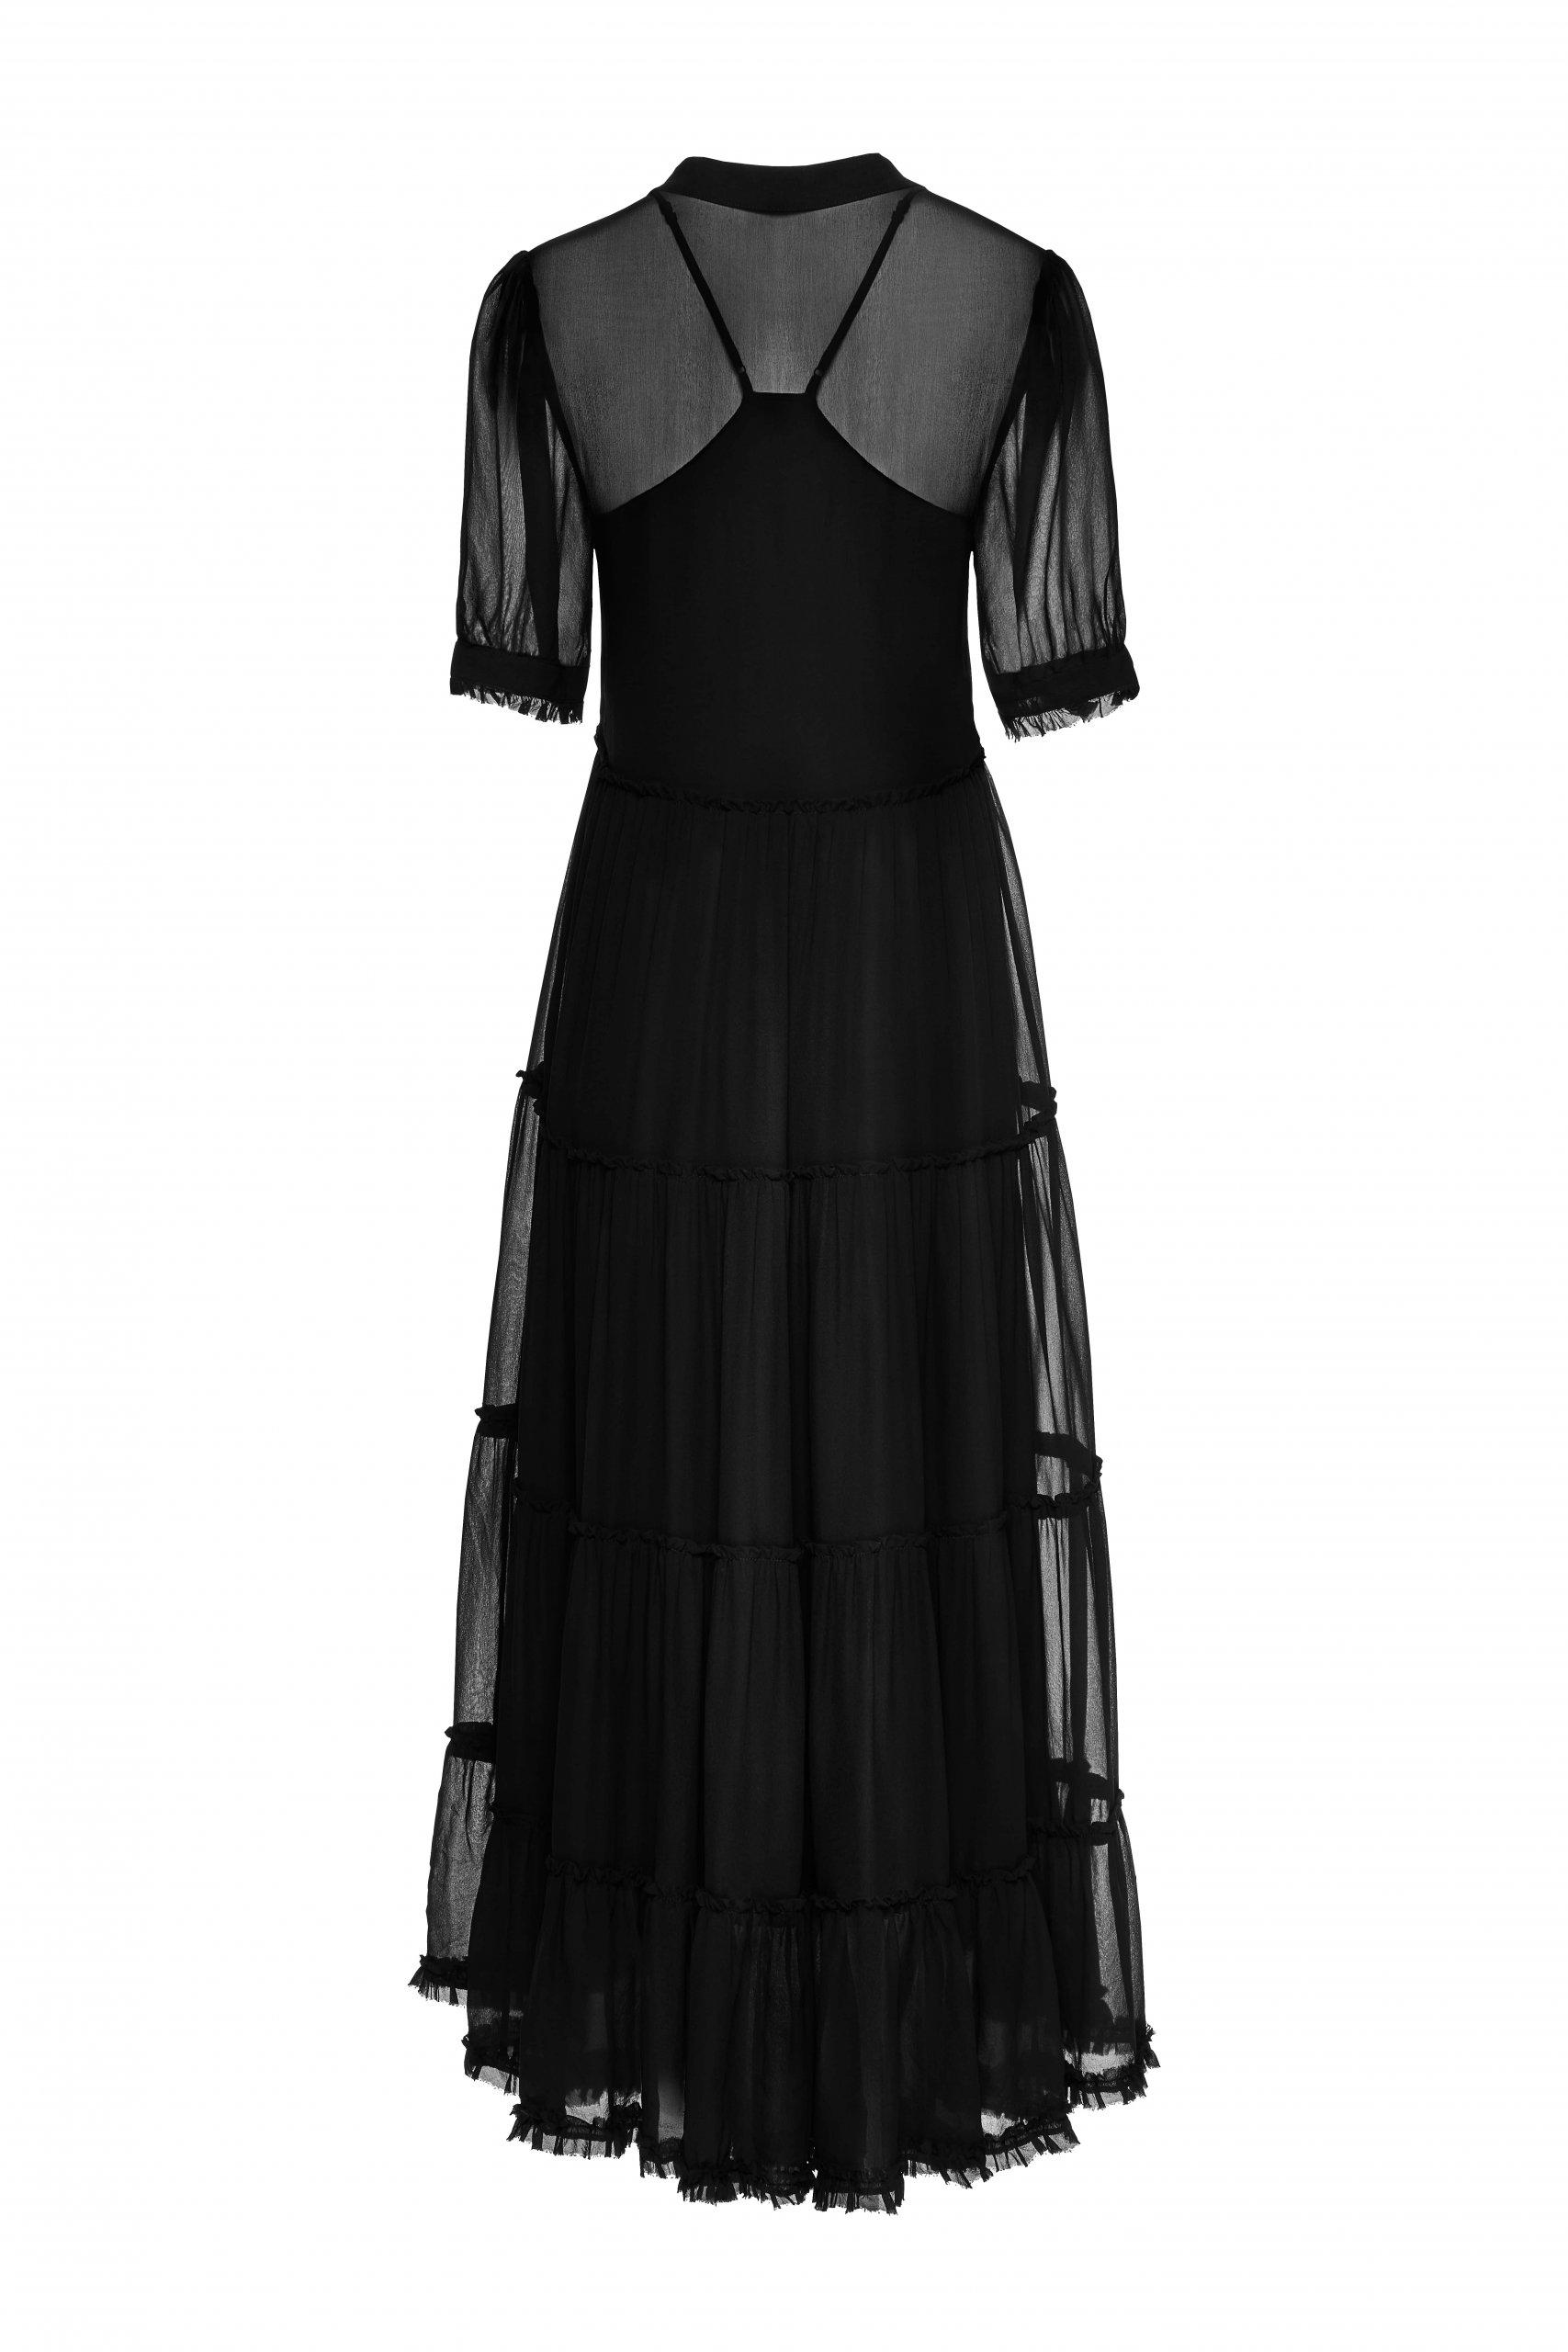 Jedwabna suknia czarna